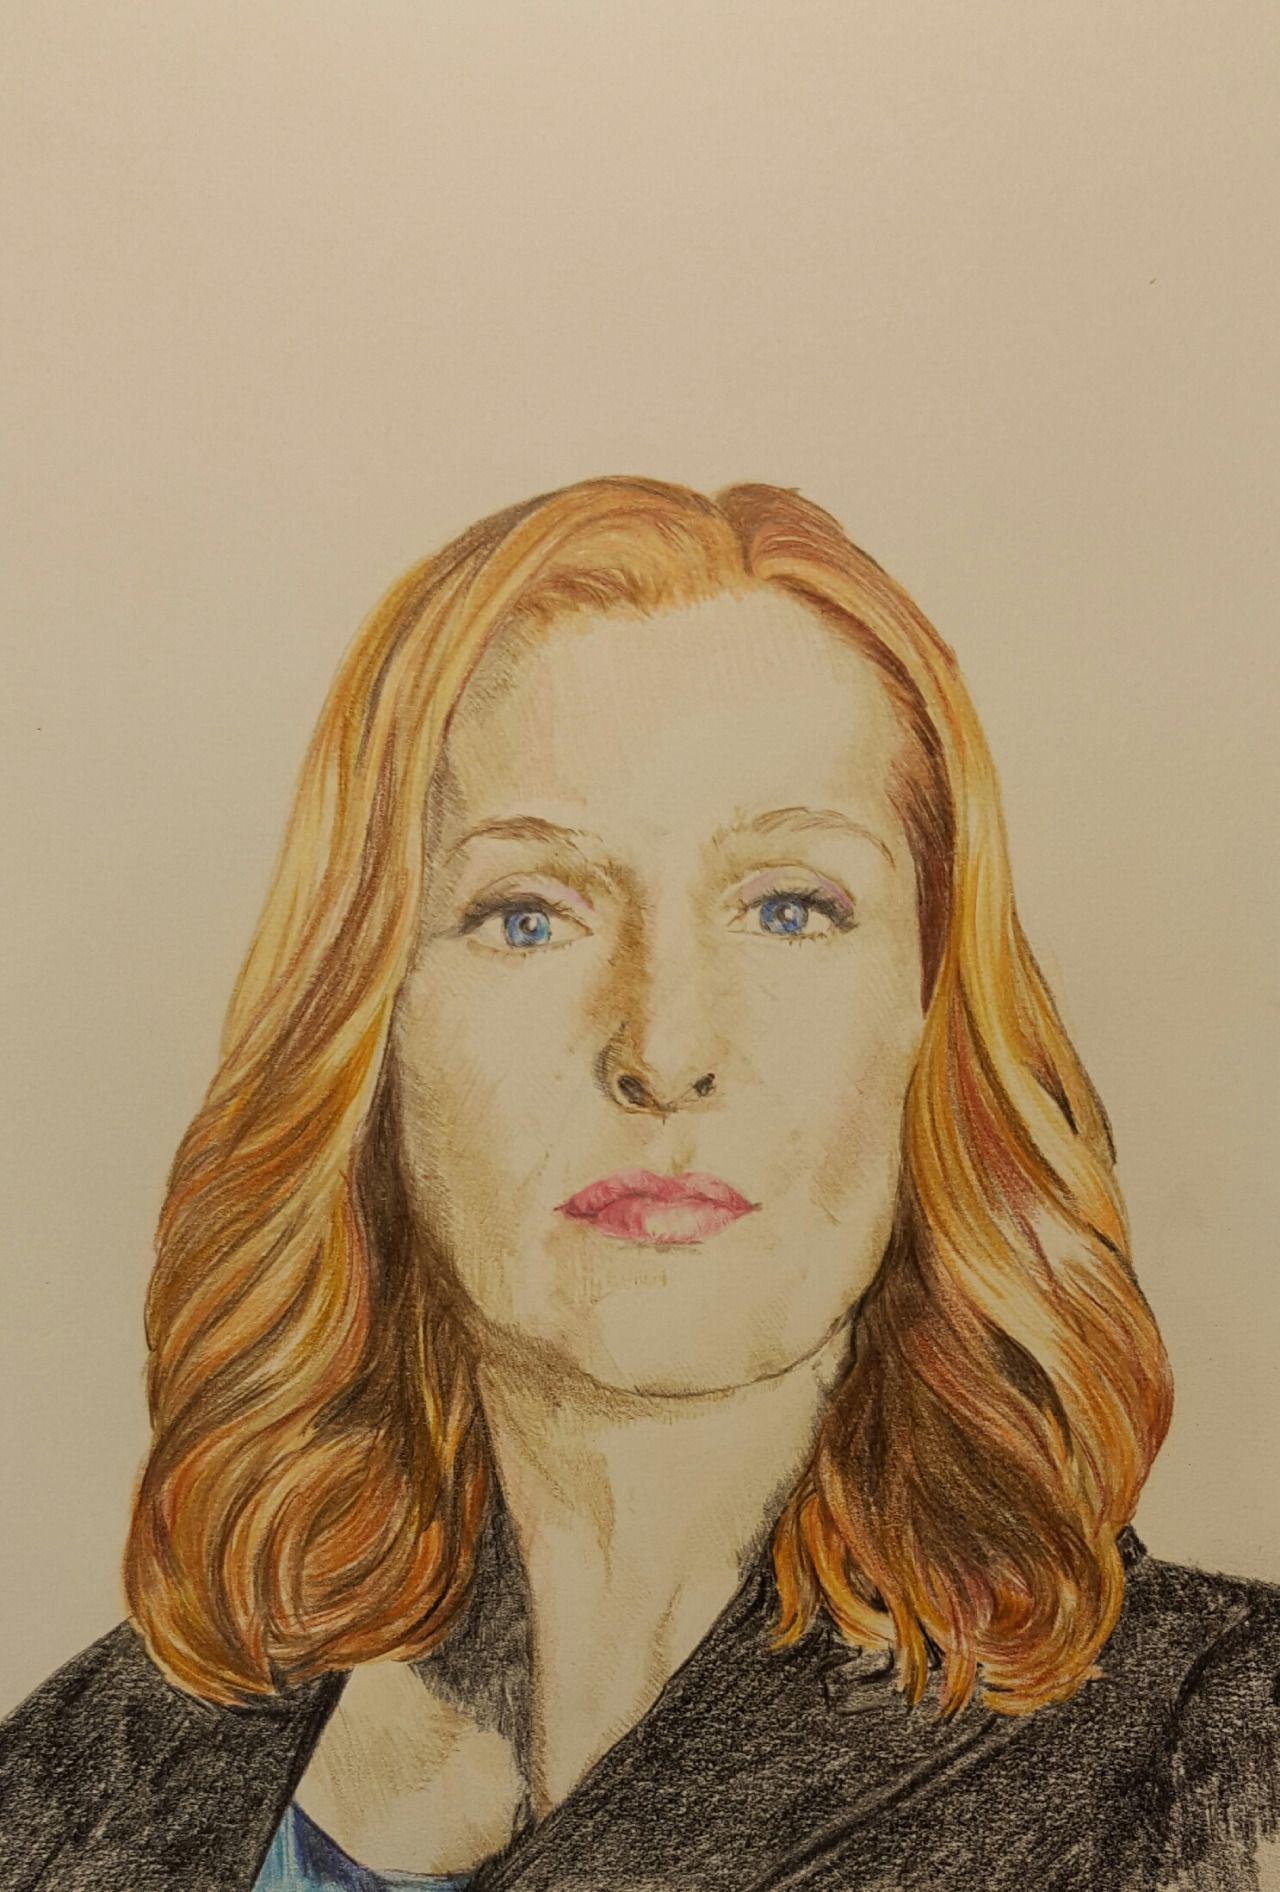 Season Scully x files x files fanart gillian anderson